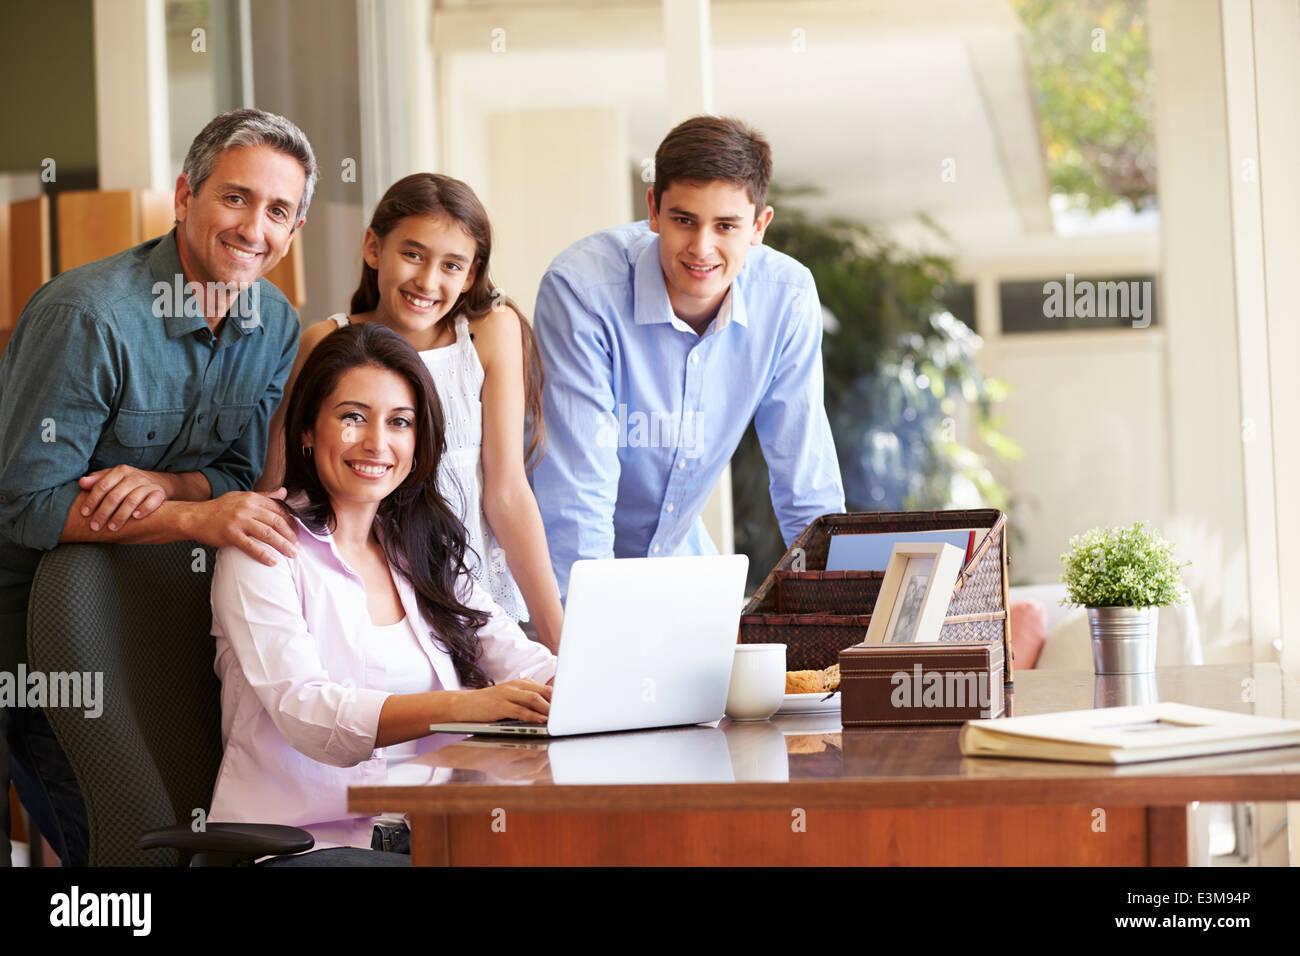 Retrato de familia con Laptop juntos Imagen De Stock